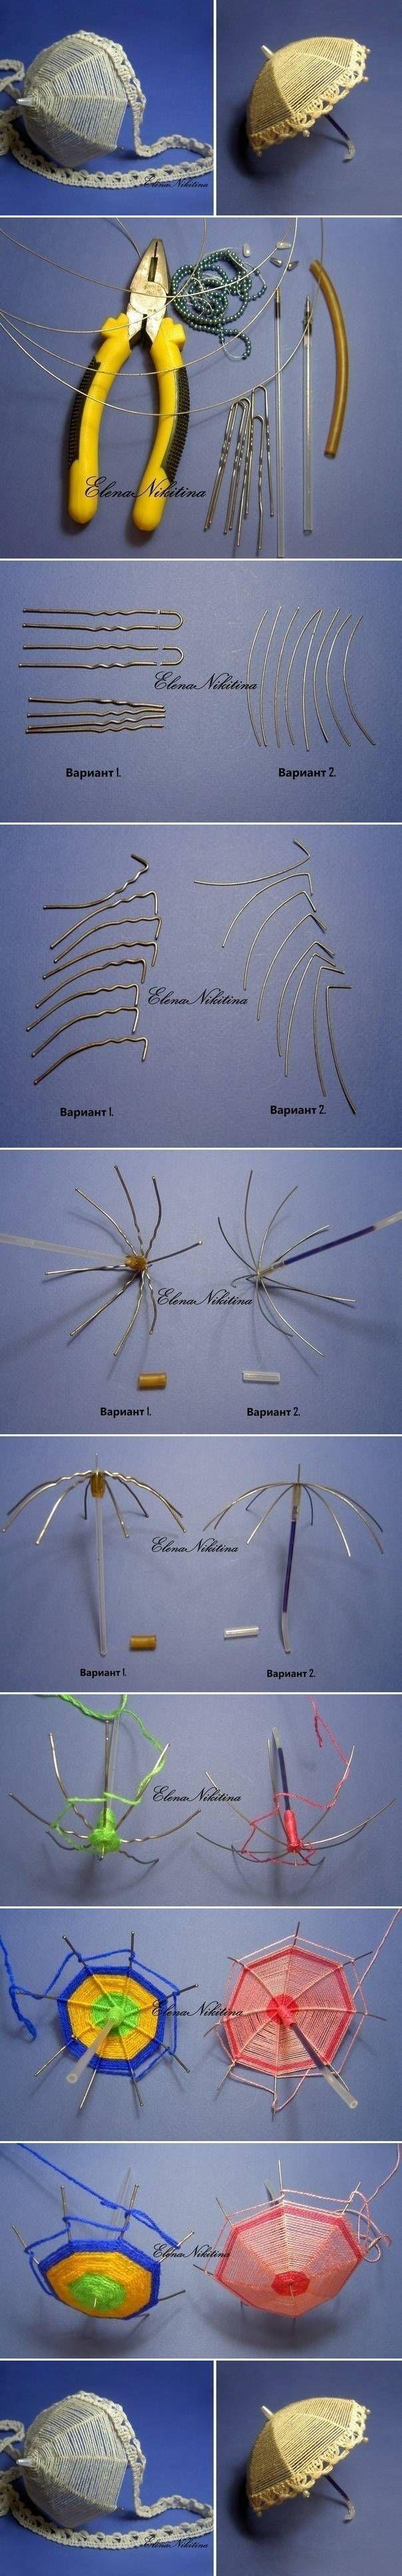 DIY Wire Small Umbrella | UsefulDIY.com